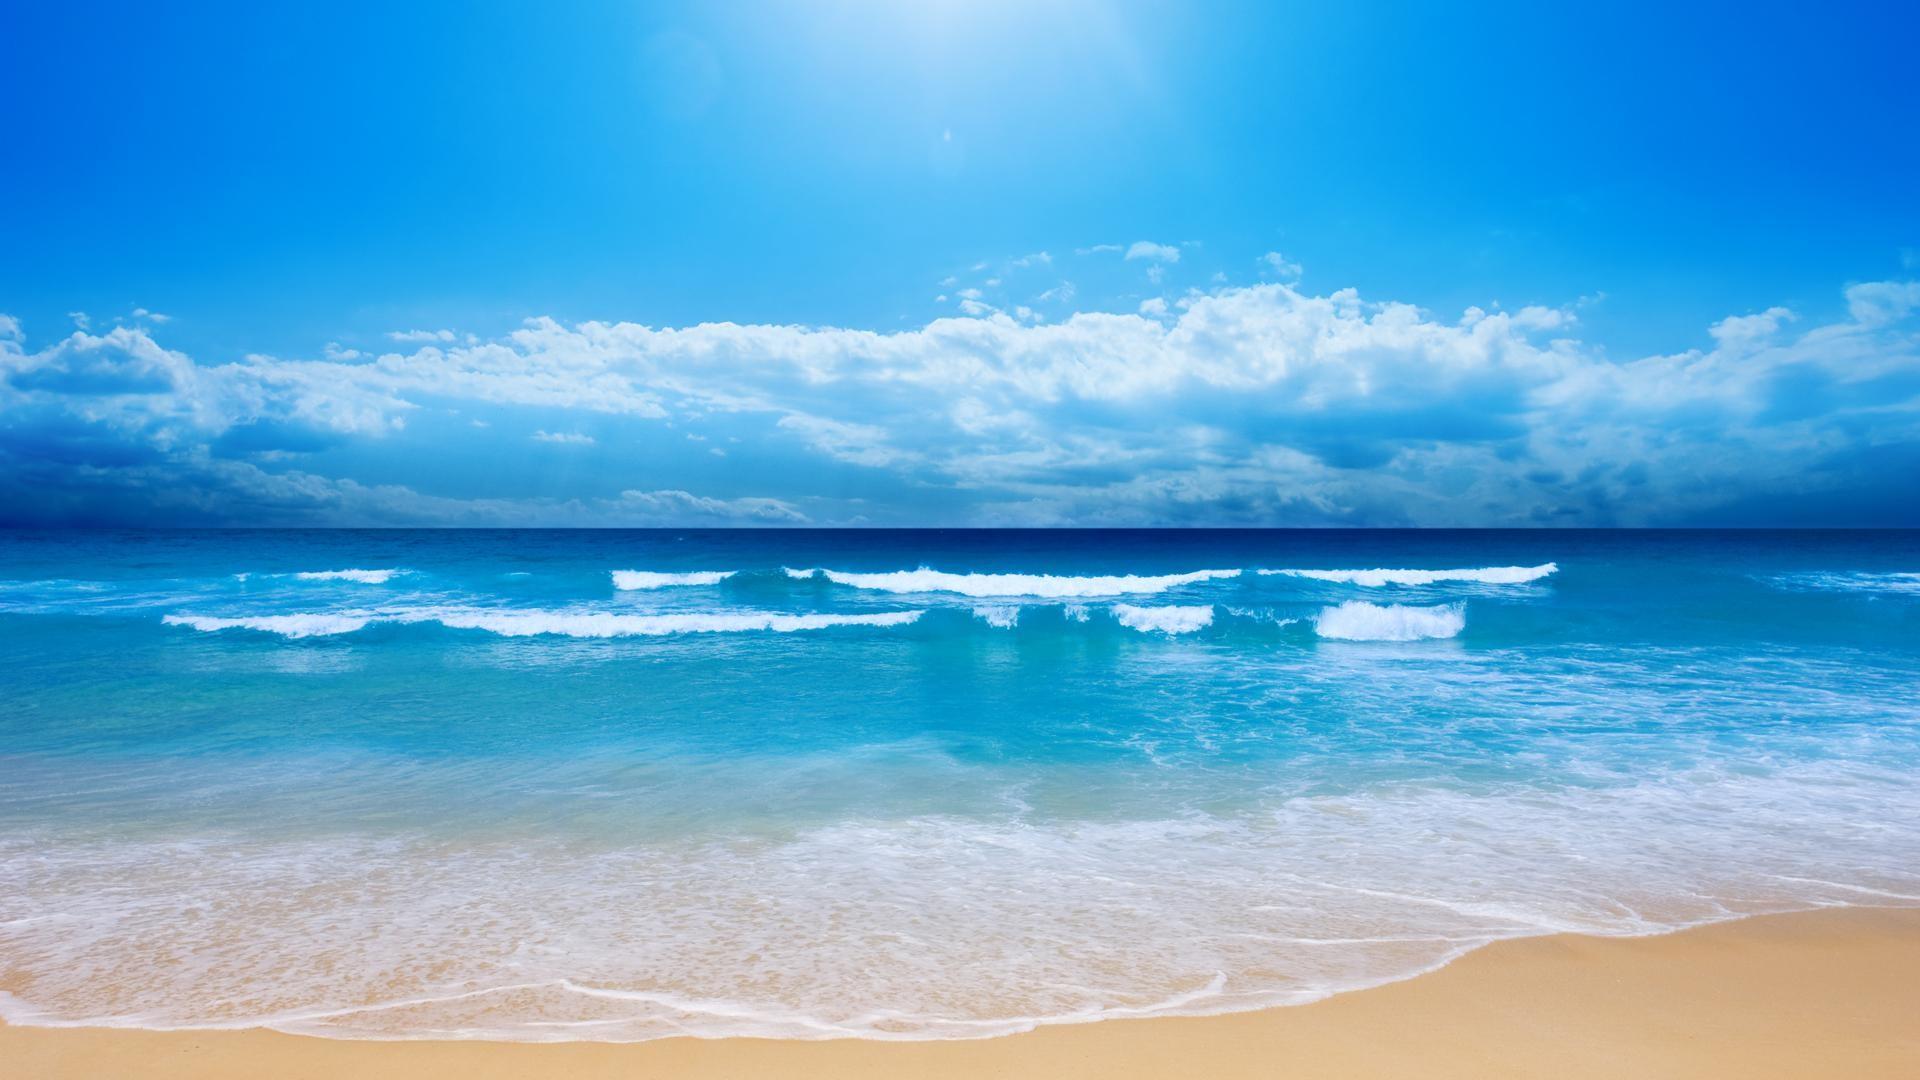 Ocean Desktop Backgrounds 1920×1080